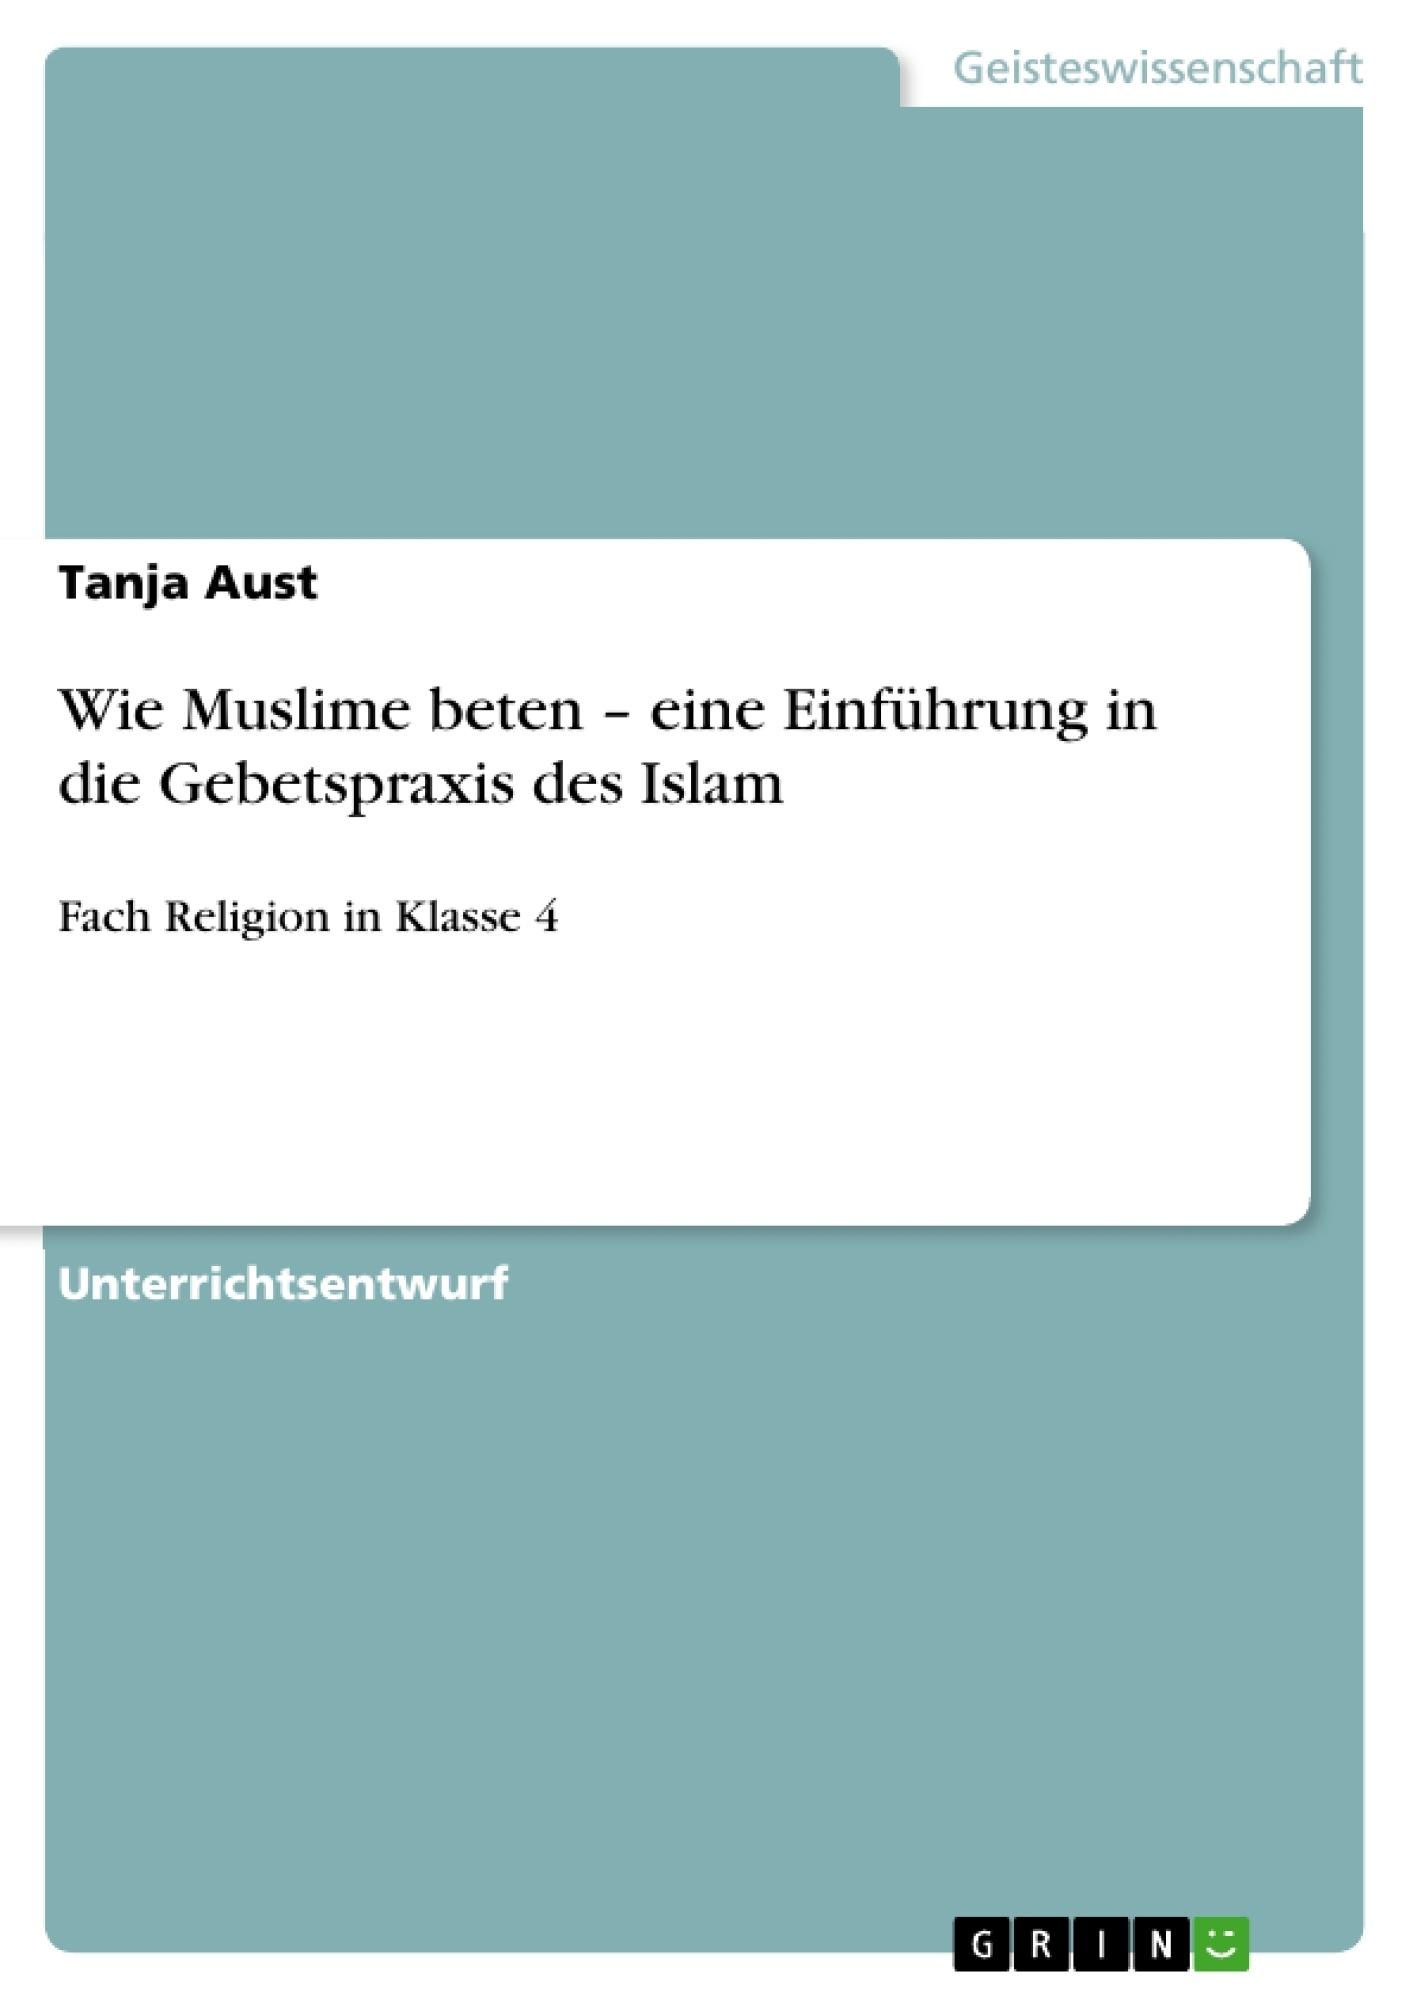 Titel: Wie Muslime beten  – eine Einführung in die Gebetspraxis des Islam